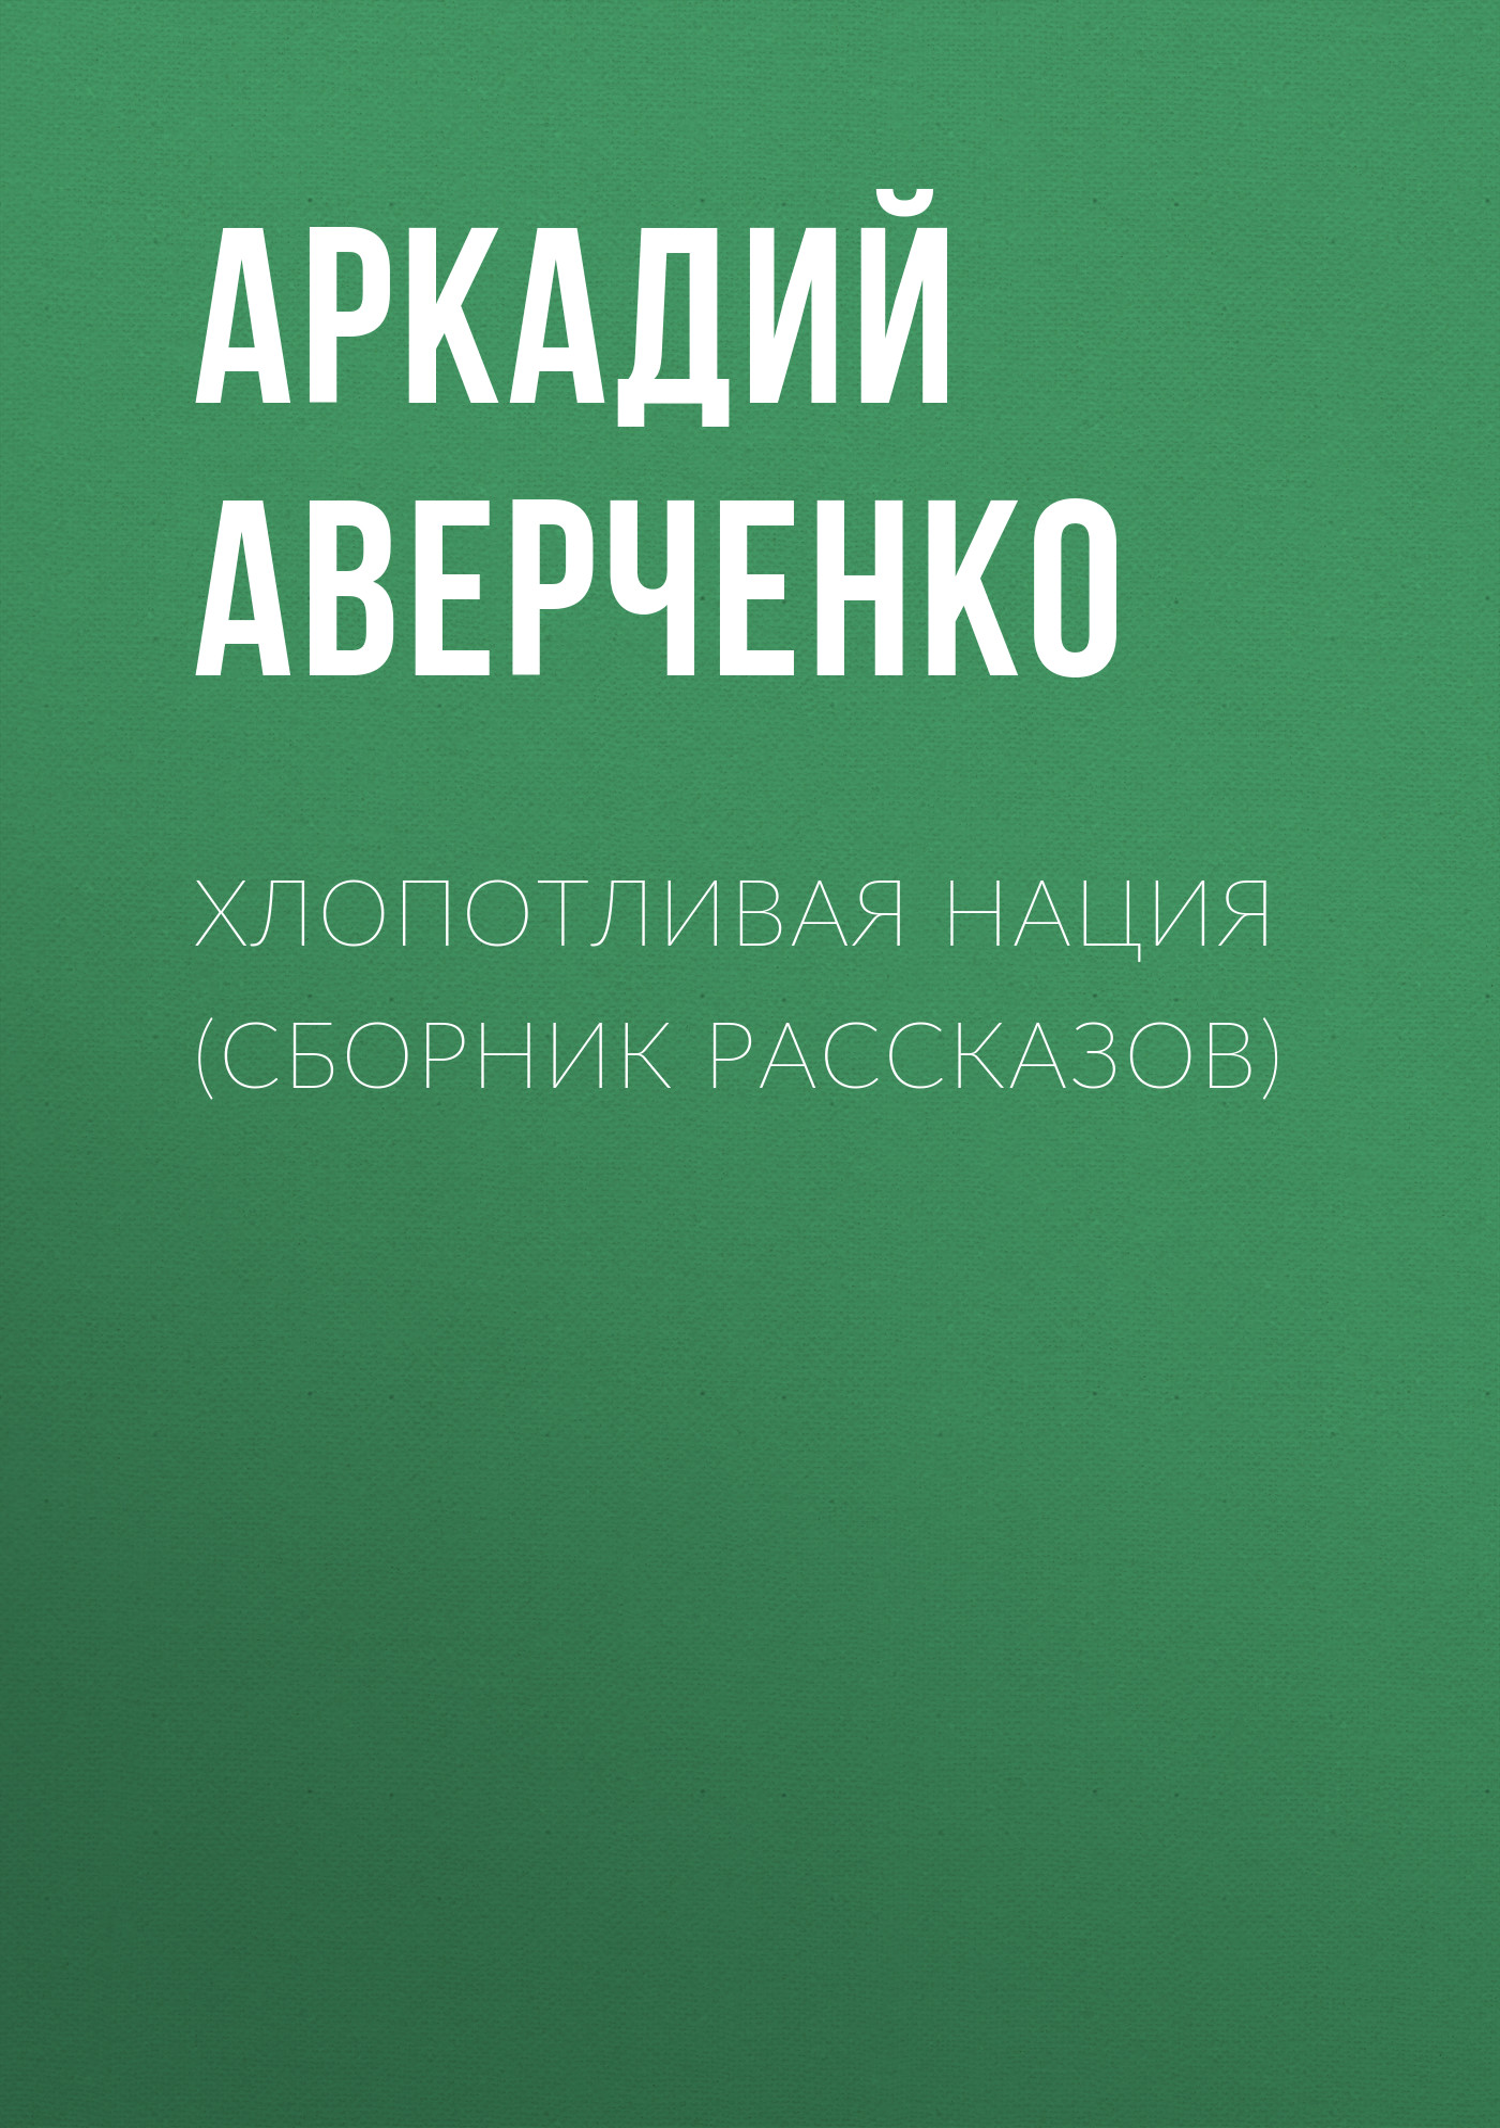 Аркадий Аверченко Хлопотливая нация (сборник рассказов) аркадий аверченко одно из моих чудес